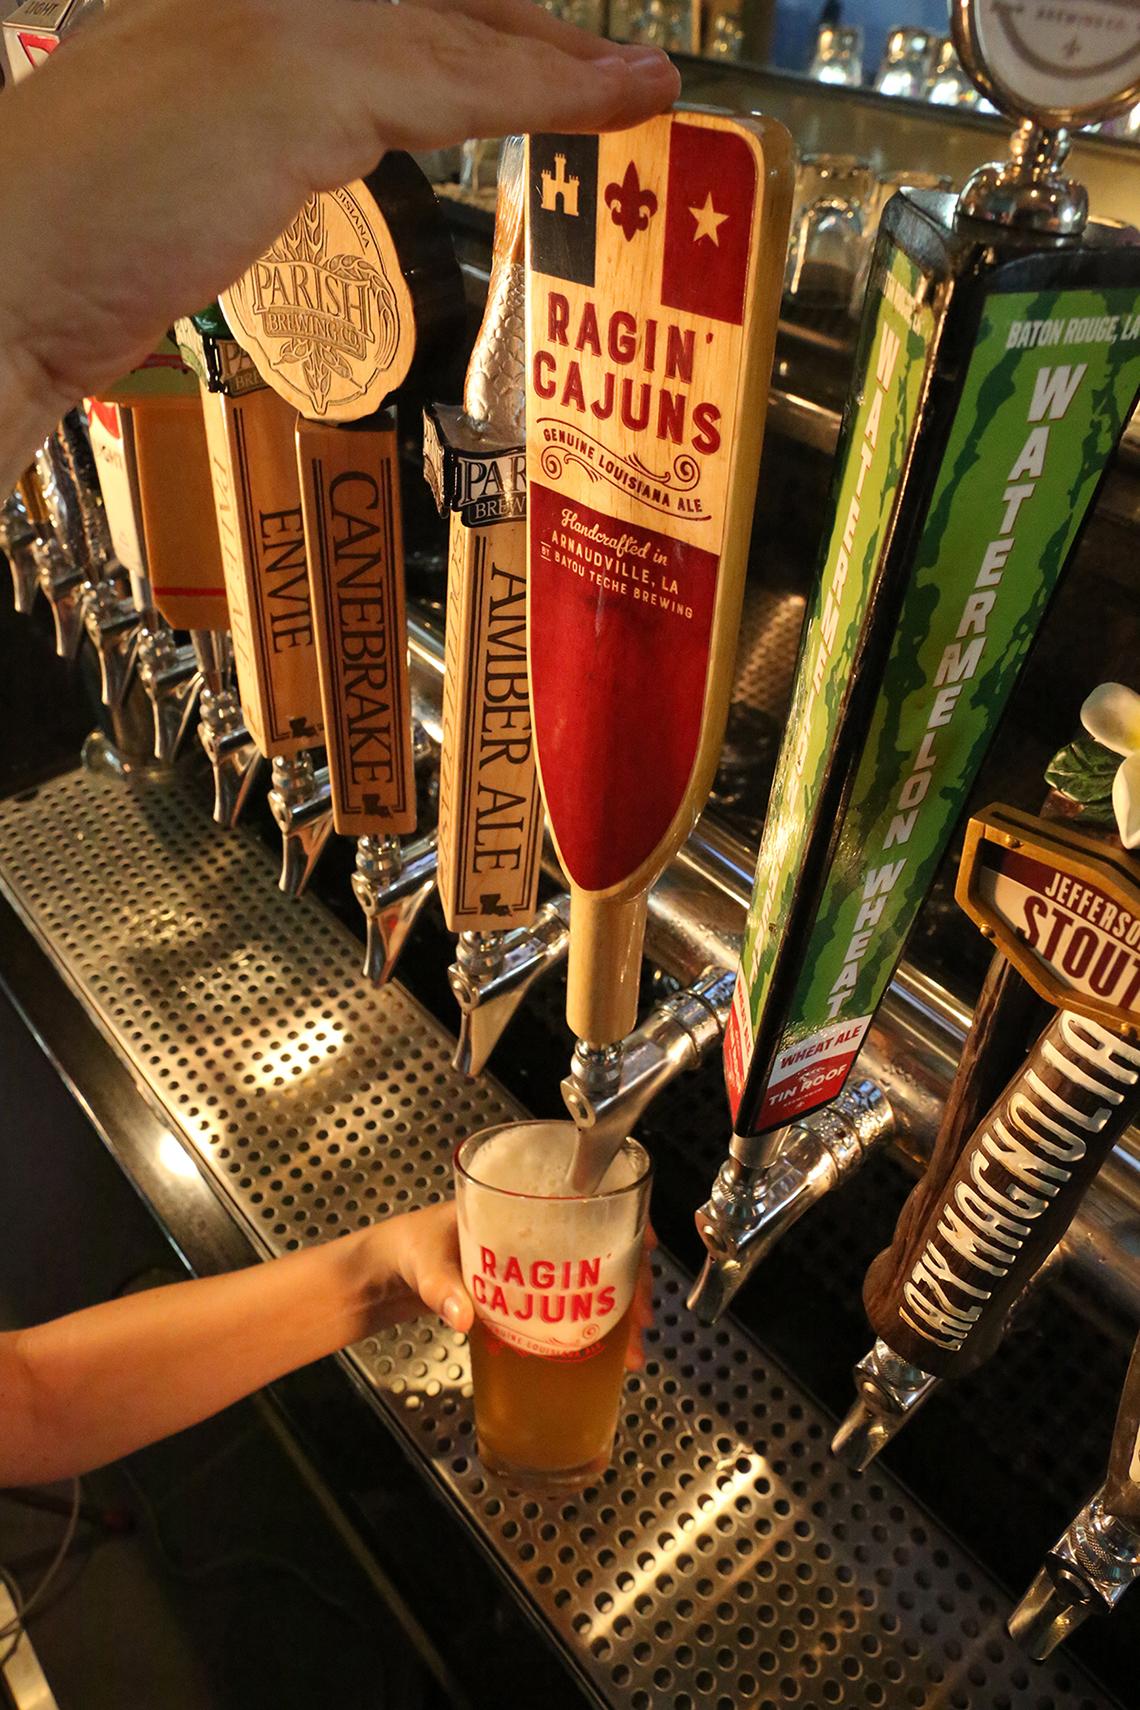 ragin-cajuns-beer_1441914060792.jpg